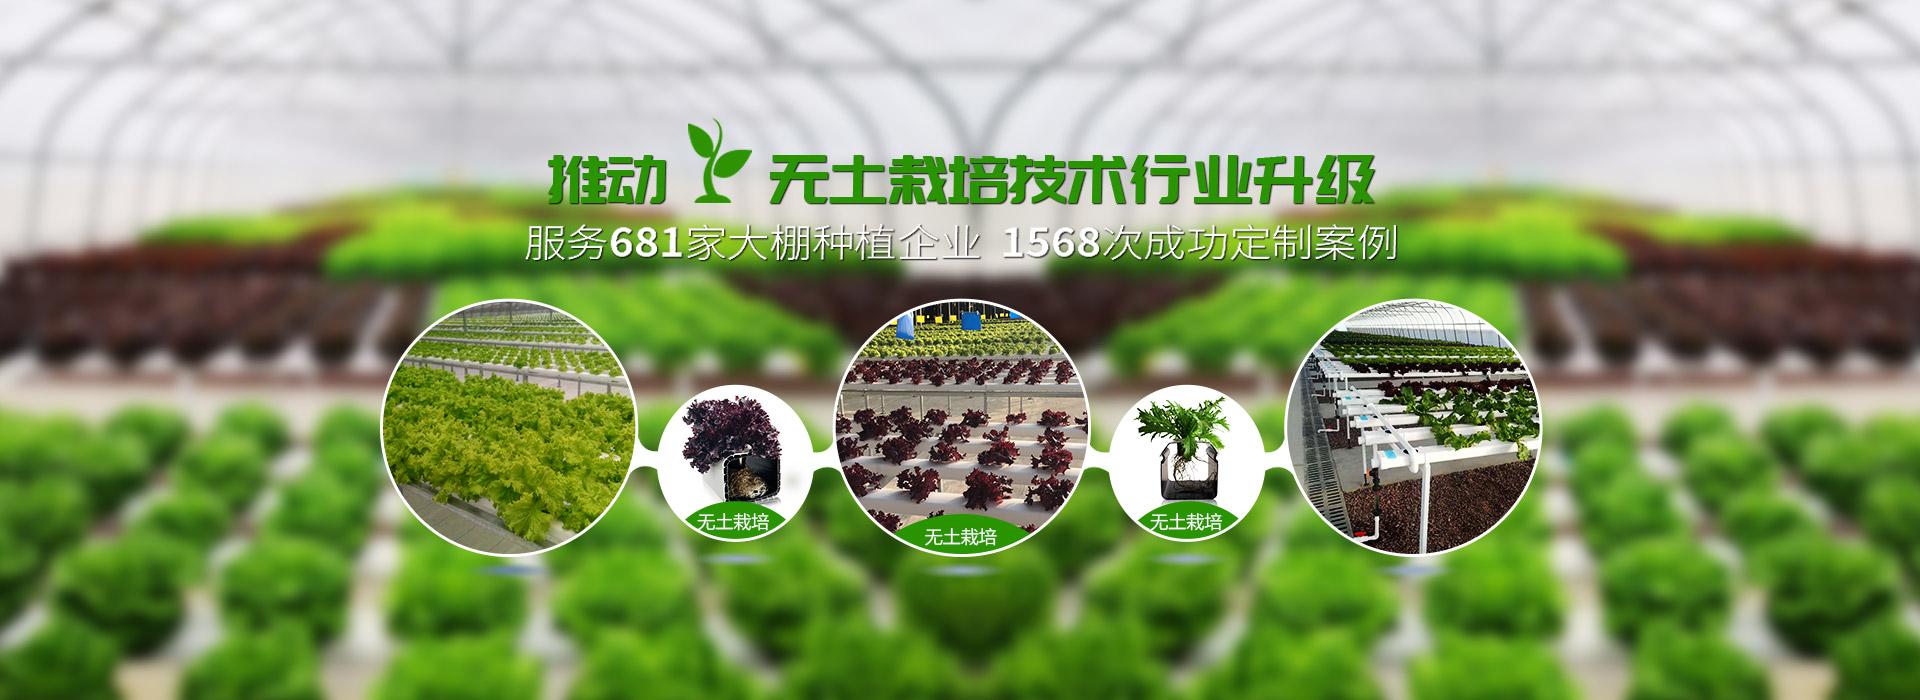 荣成农业设备-推动无土栽培技术行业升级